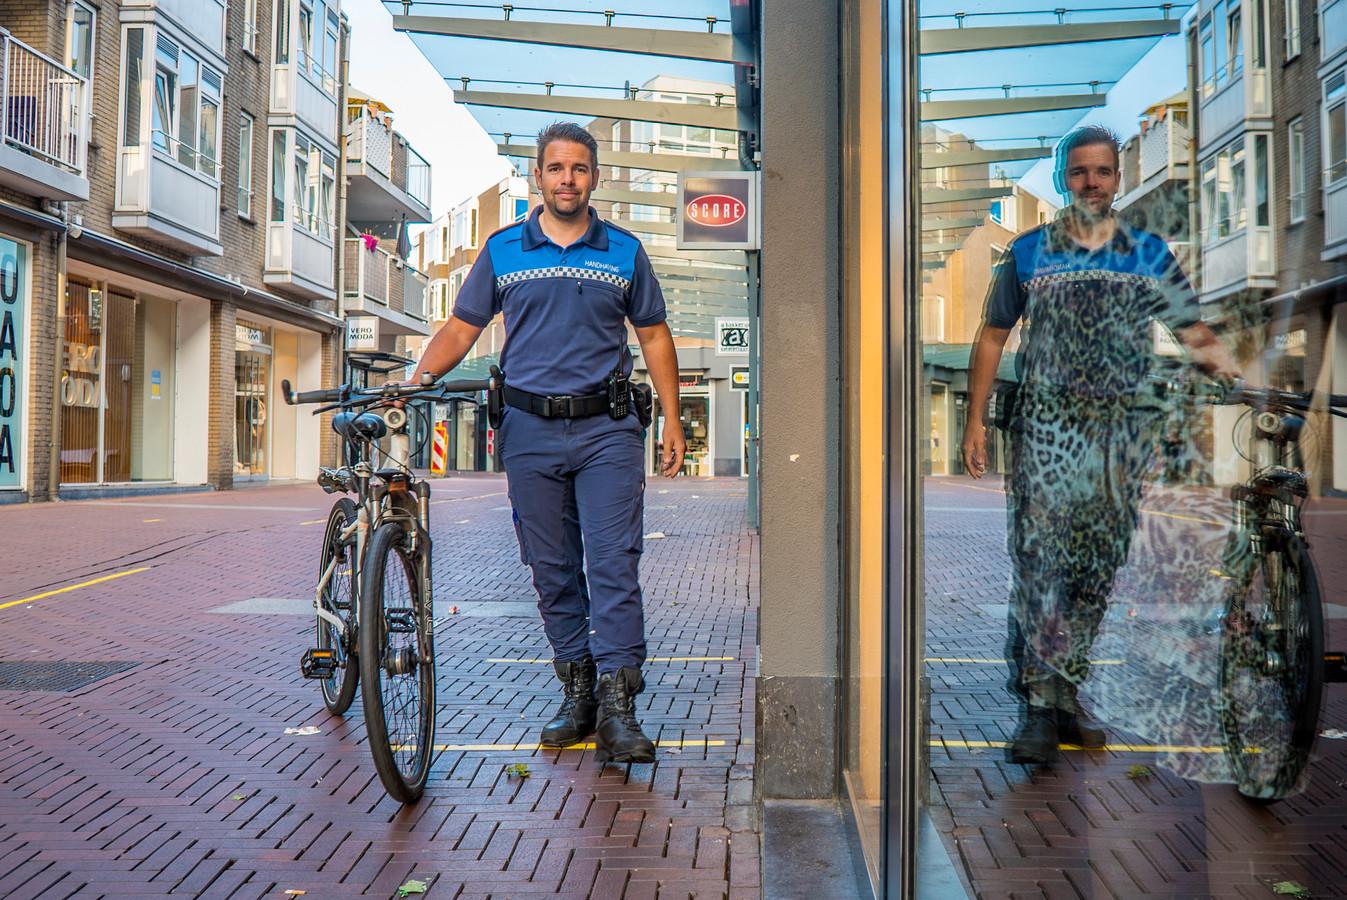 Teammanager Handhaving Wouter van den Berg is blij dat zijn boa's als proef een jaar lang met wapenstokken worden uitgerust.